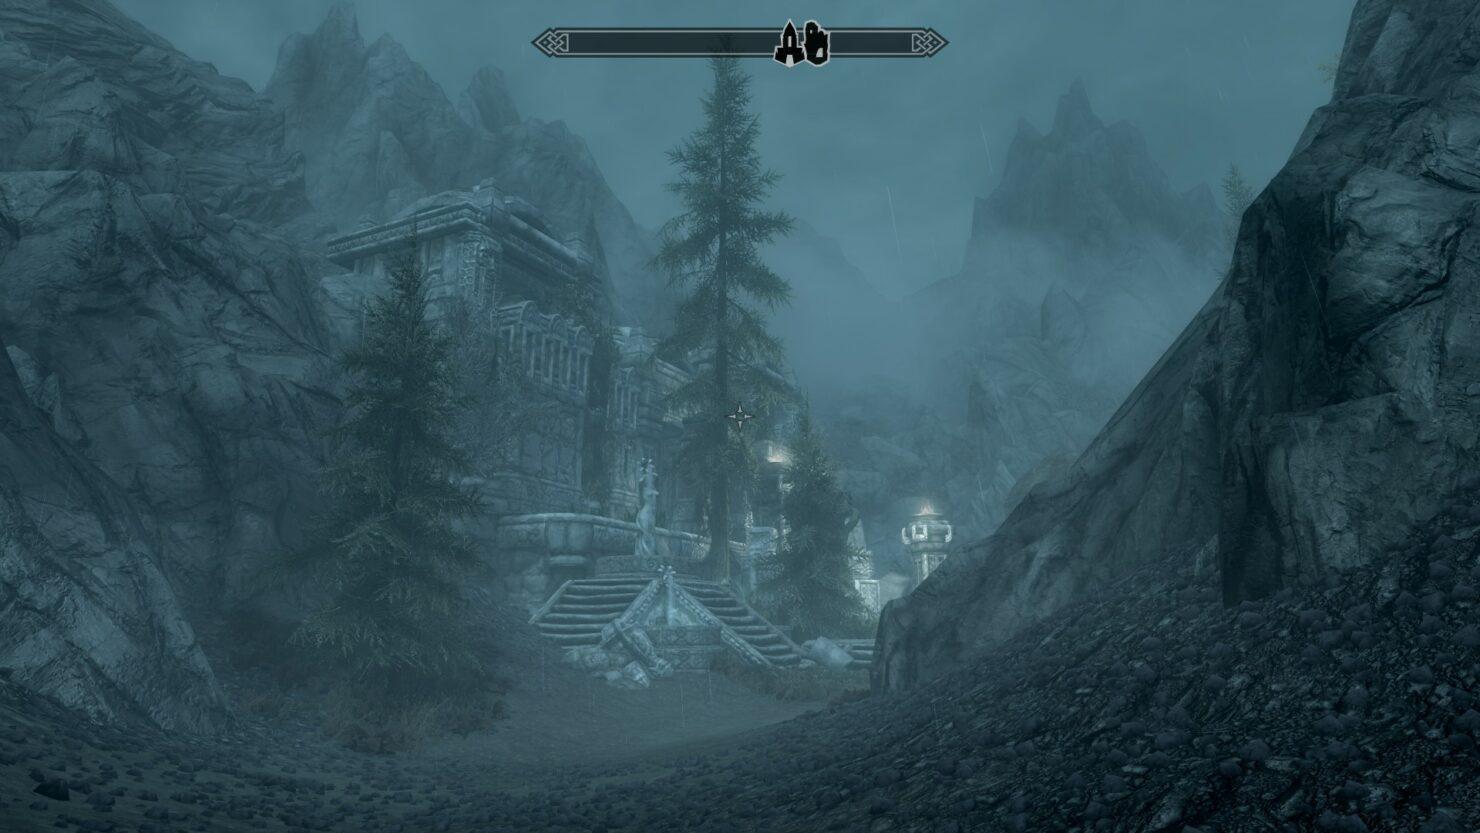 skyrim-quest-mod-castlevania-memories3